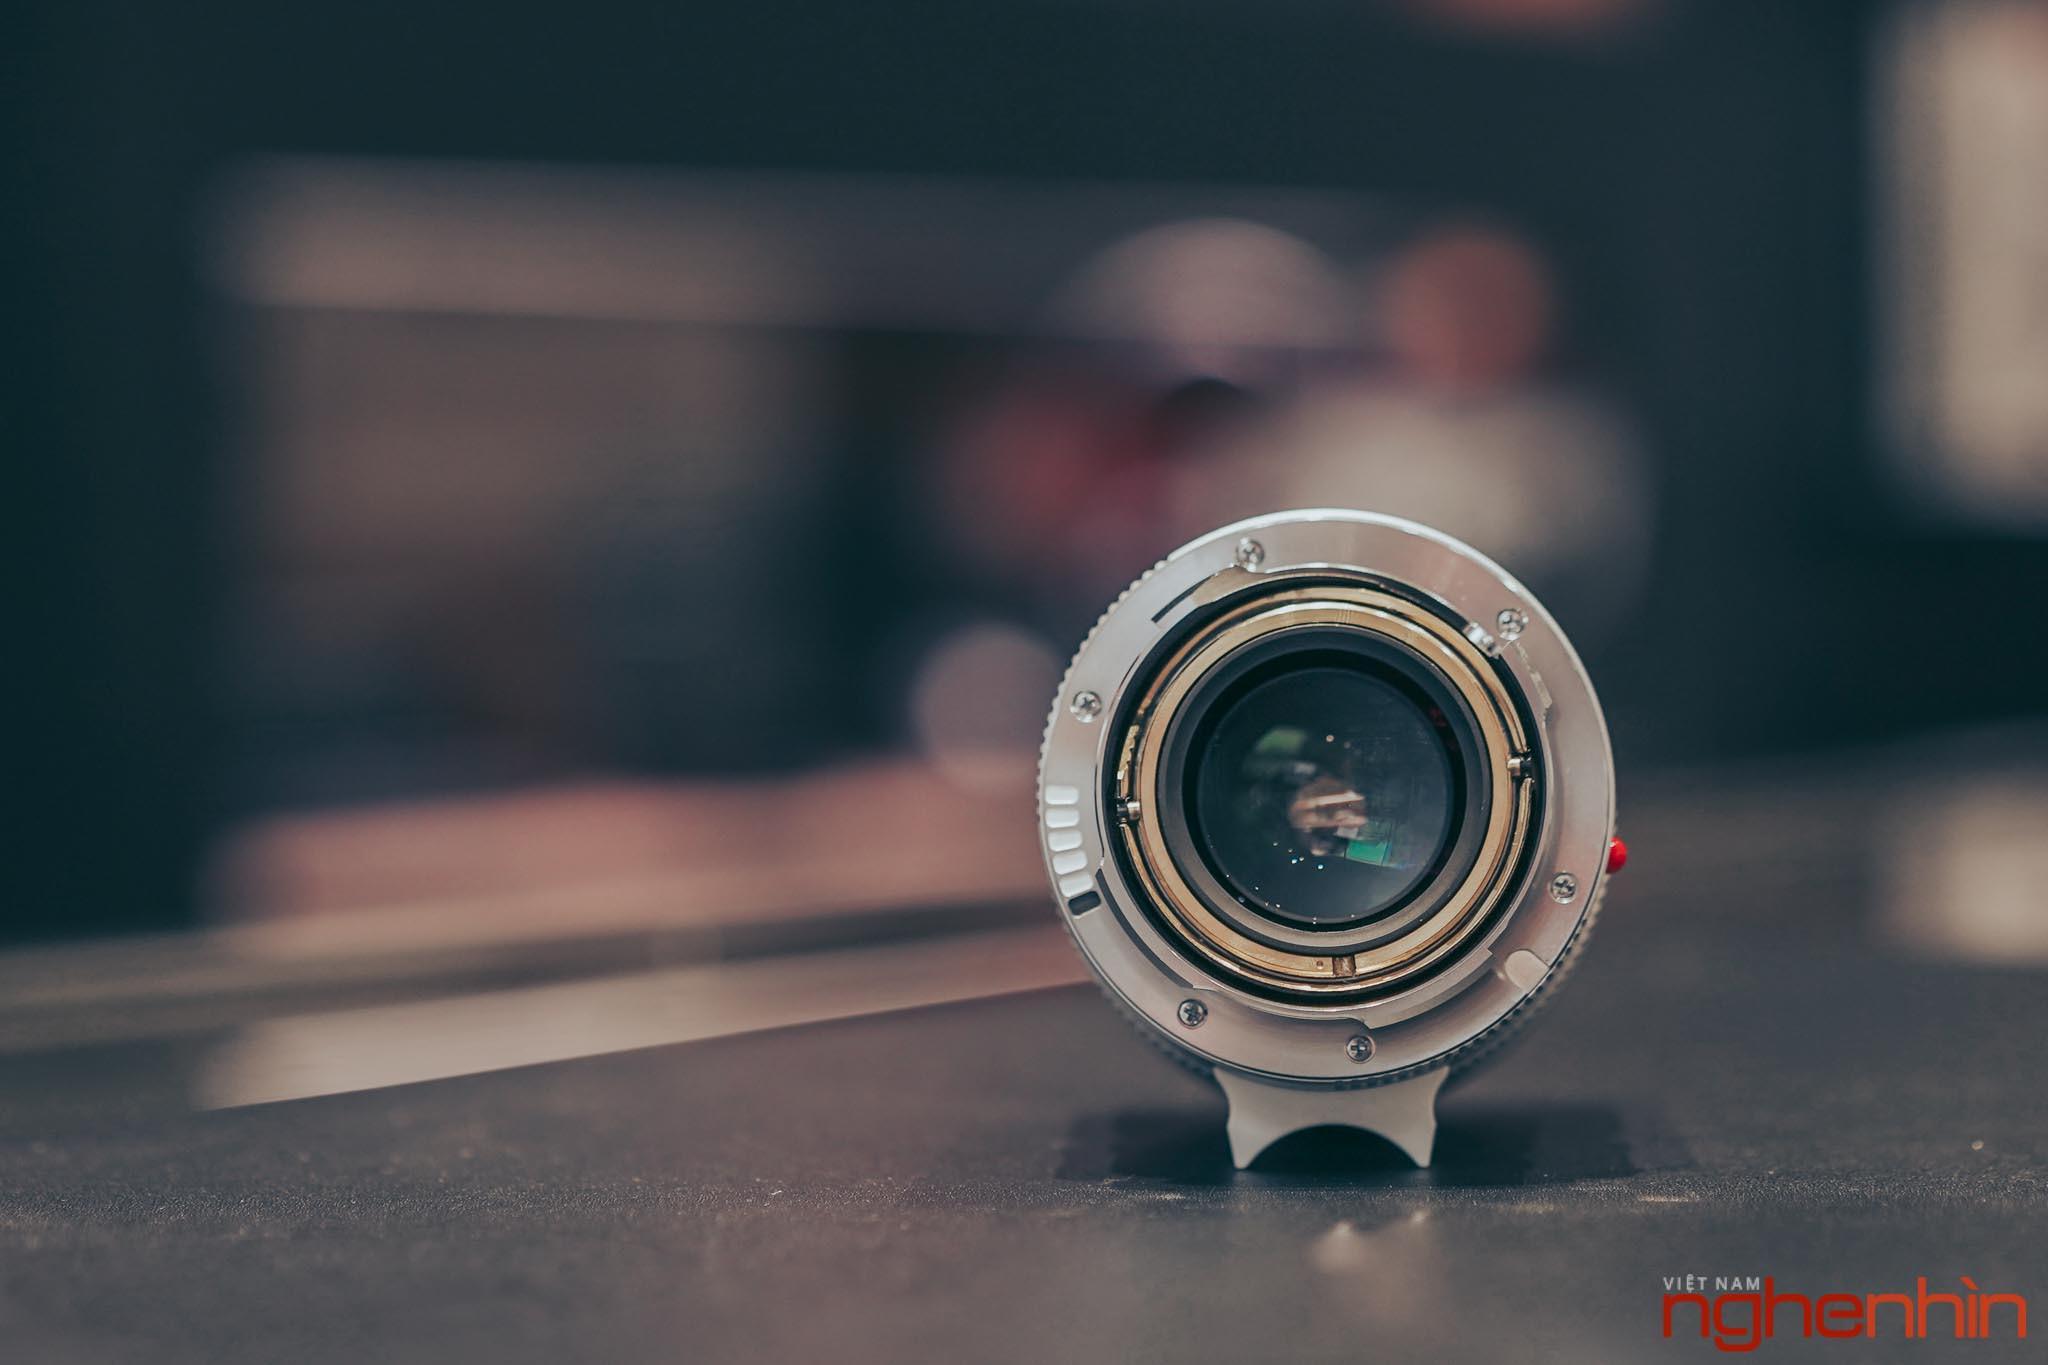 Trên tay Leica M10-P 'White' Edition tại Việt Nam: giá 420 triệu, giới hạn 350 chiếc Ảnh 7